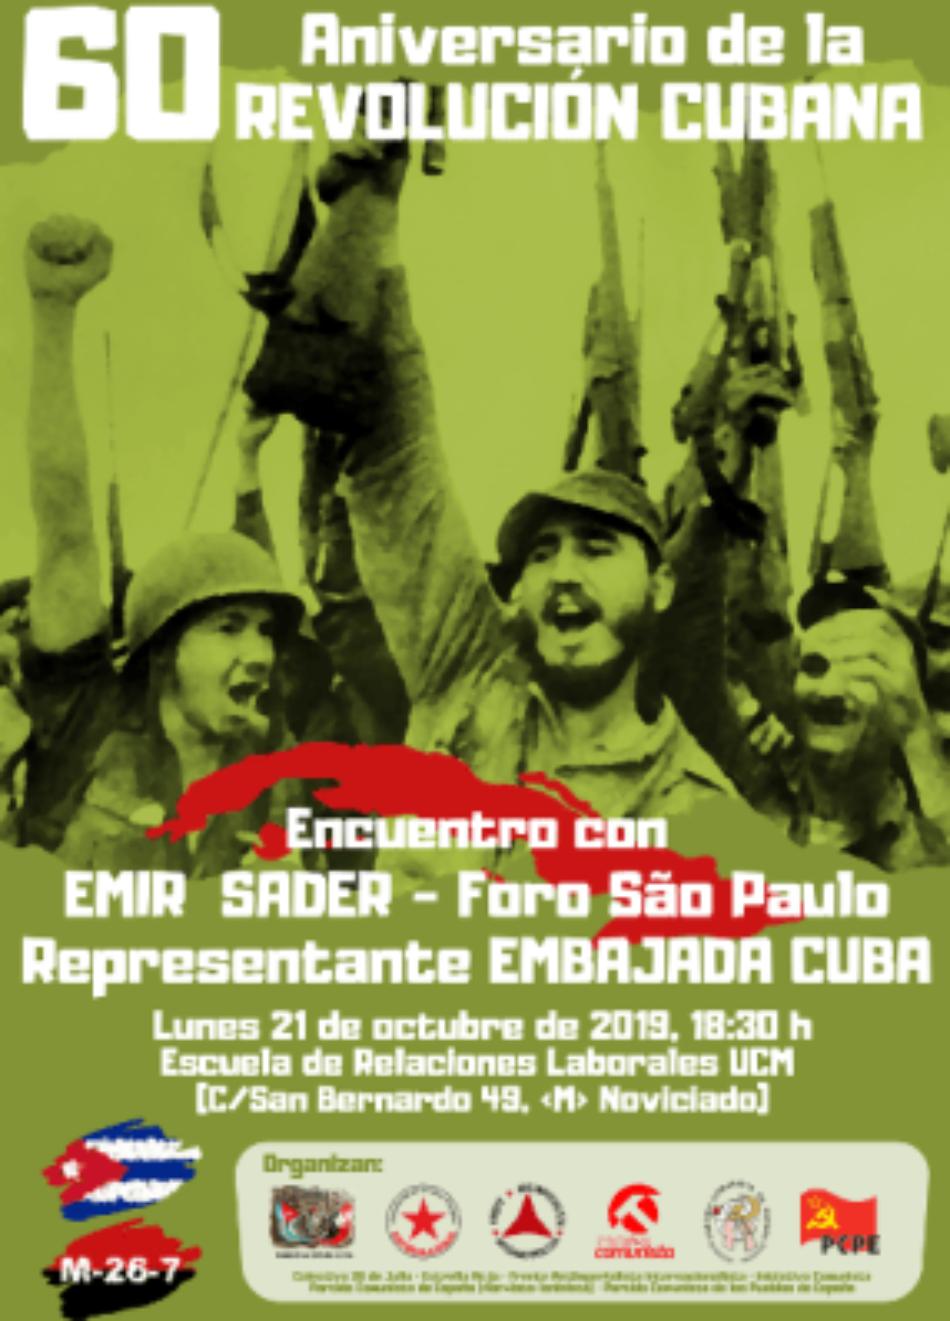 60 aniversario de la Revolución Cubana. Emir Sader en Madrid